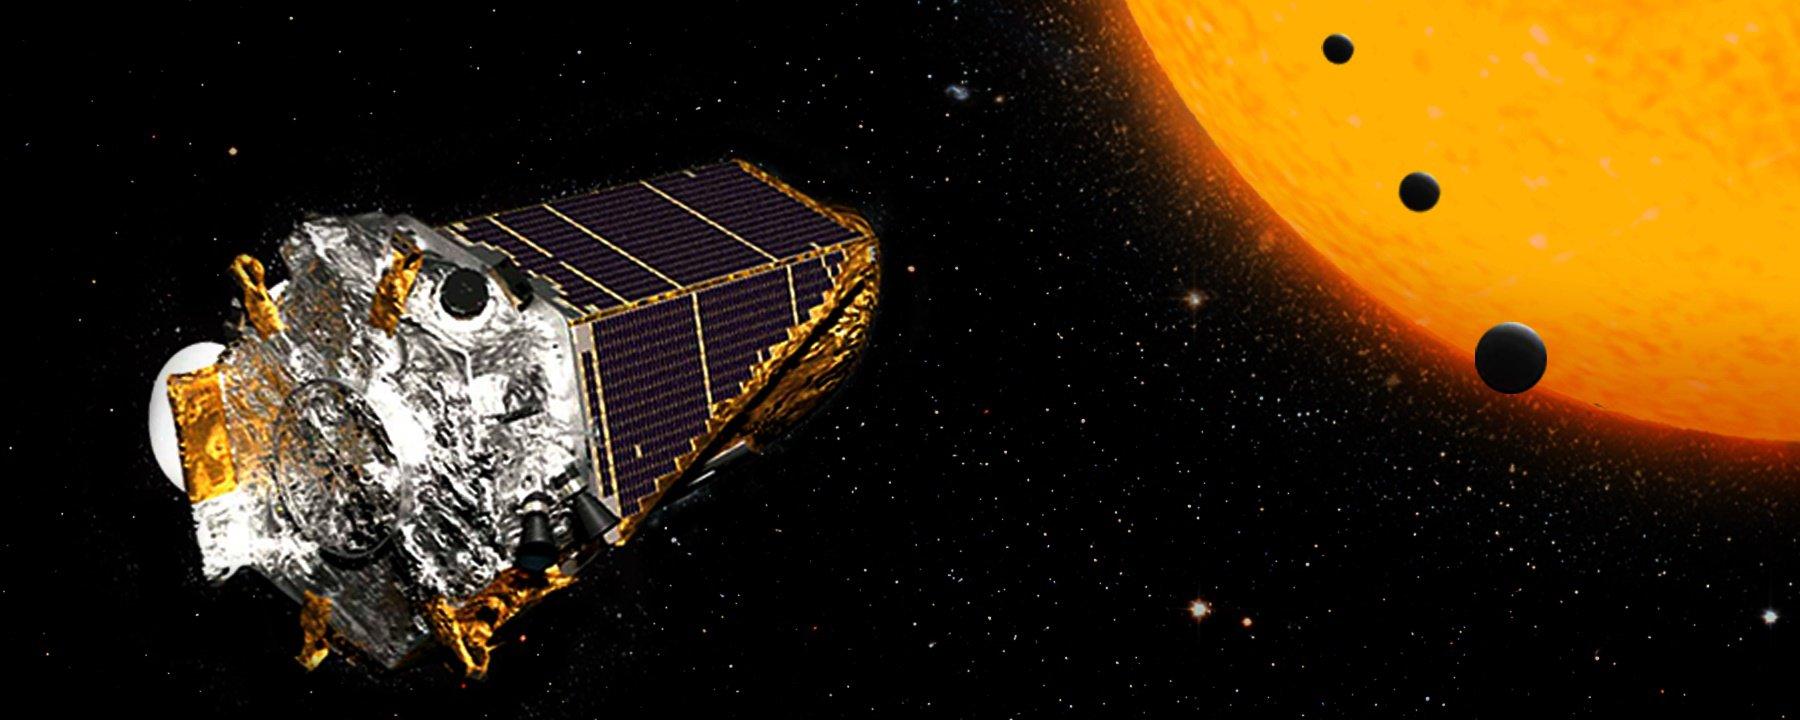 Novo planeta habitável? NASA fará anúncio em conjunto com a Google